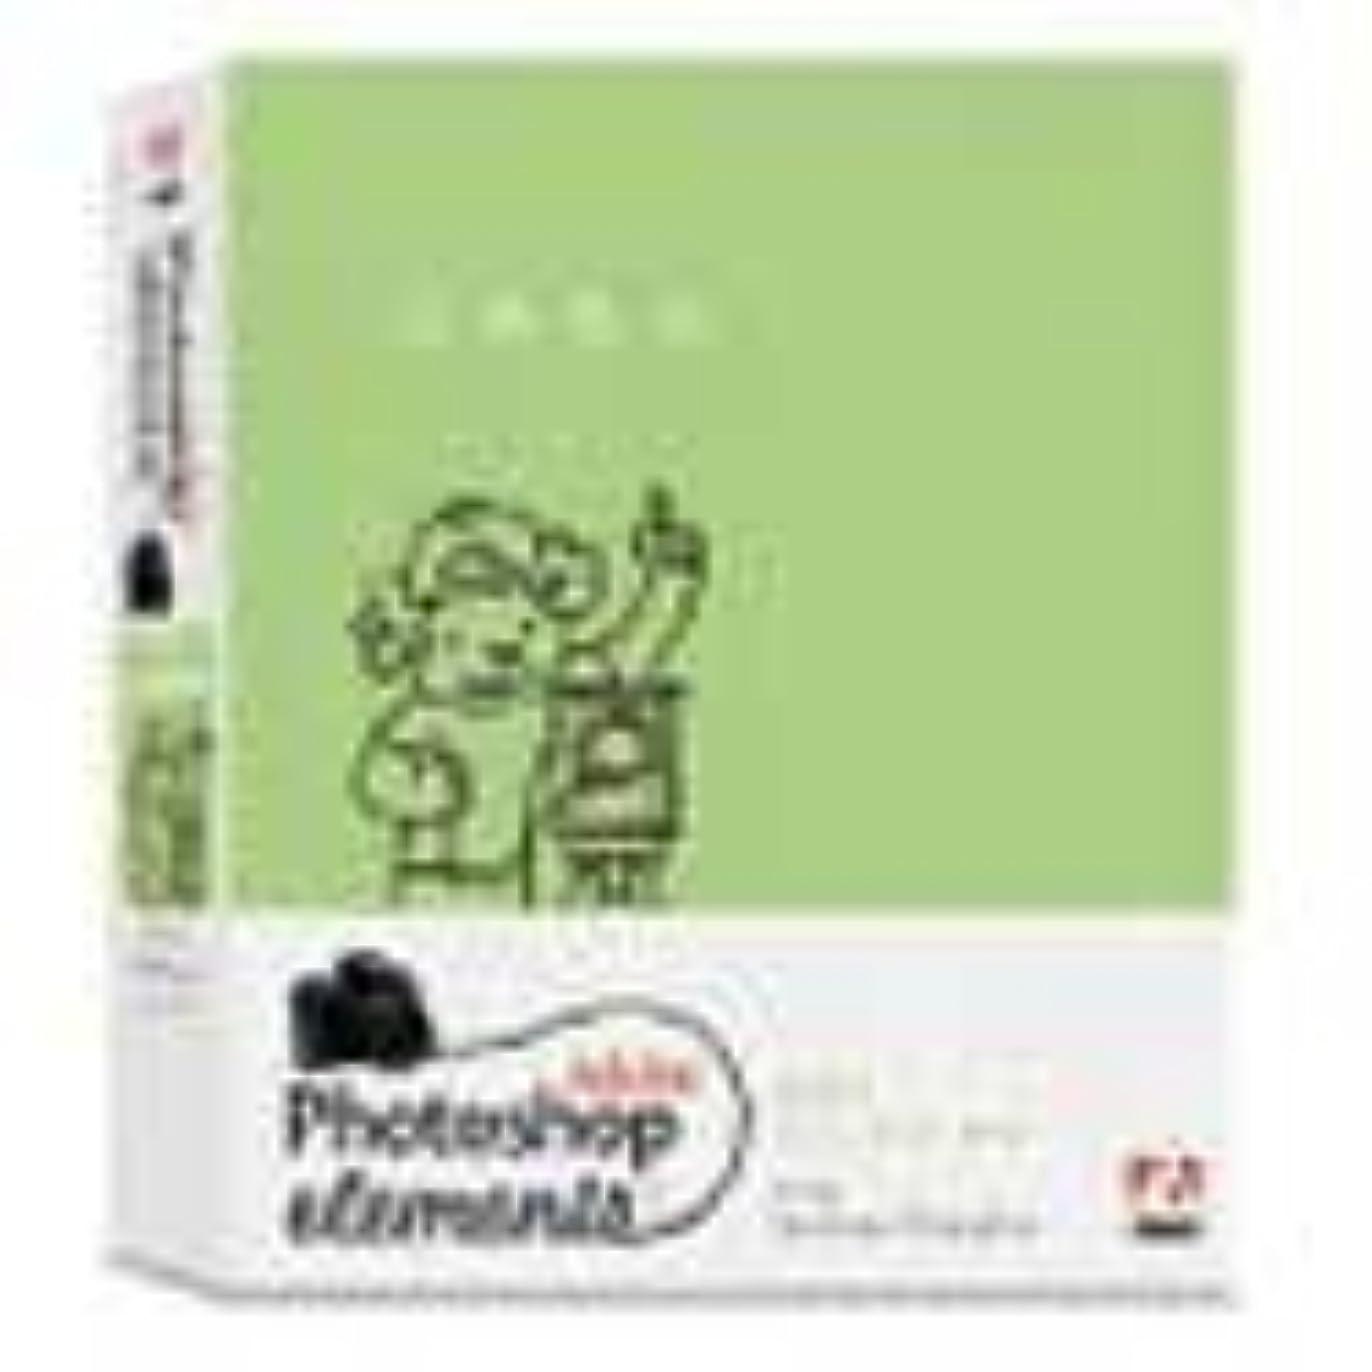 デマンド補体ソブリケットAdobe Photoshop Elements 3.0 日本語版 Macintosh版